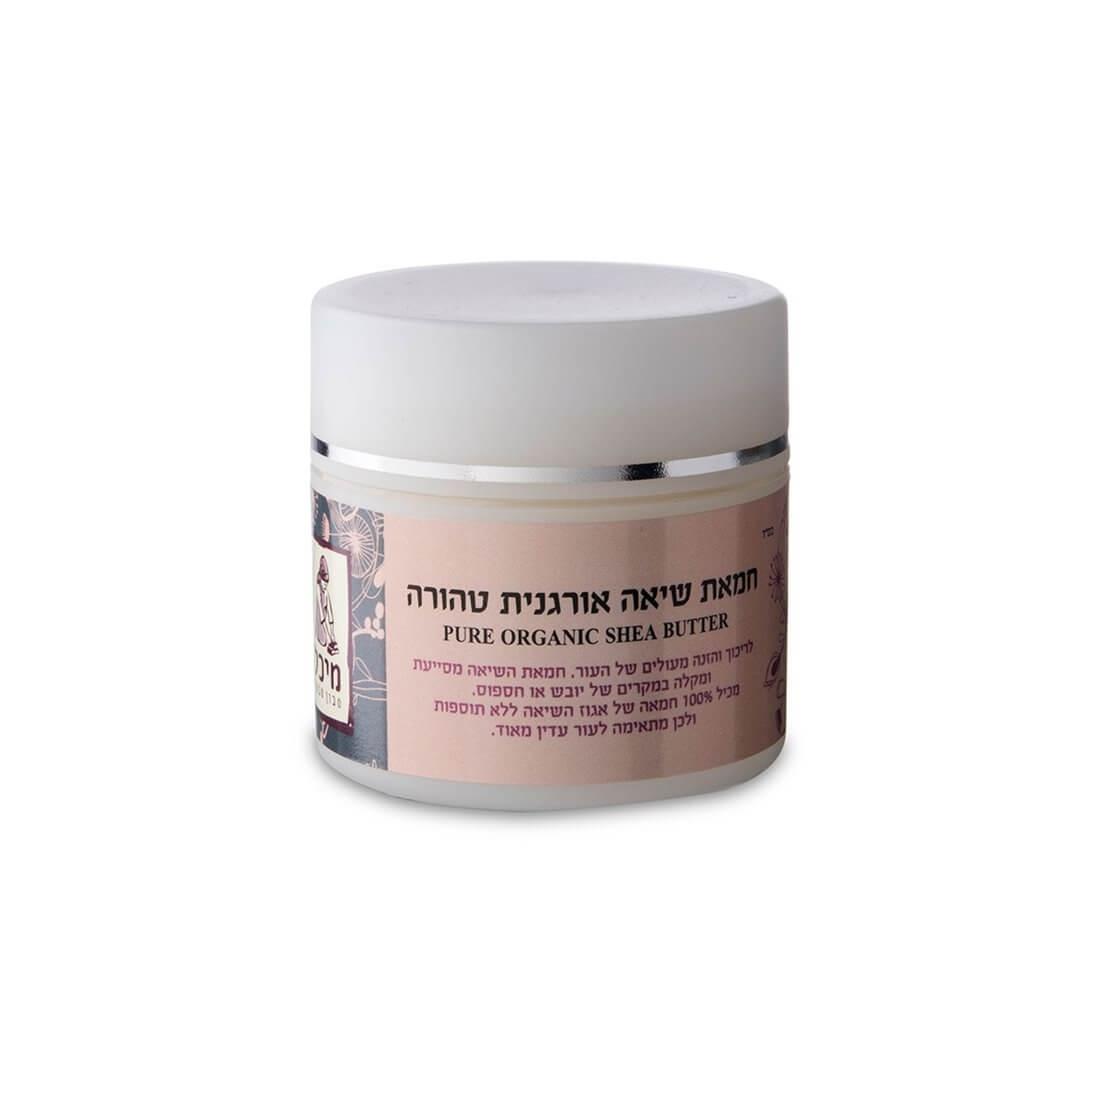 חמאת שיאה אורגנית טהורה - מיכל סבון טבעי - 50 מ״ל